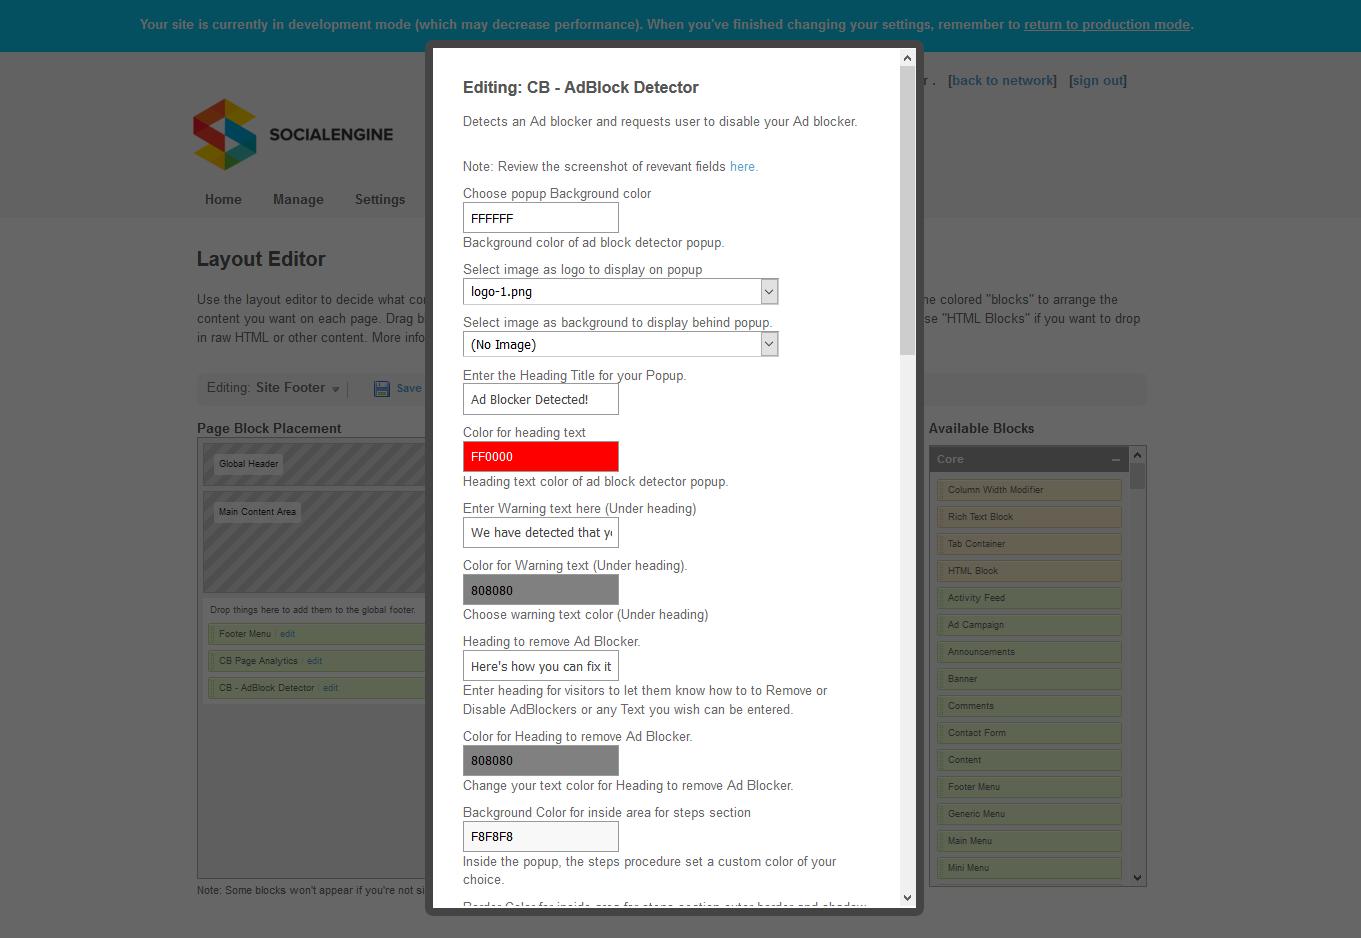 adblock-detector-widget.png